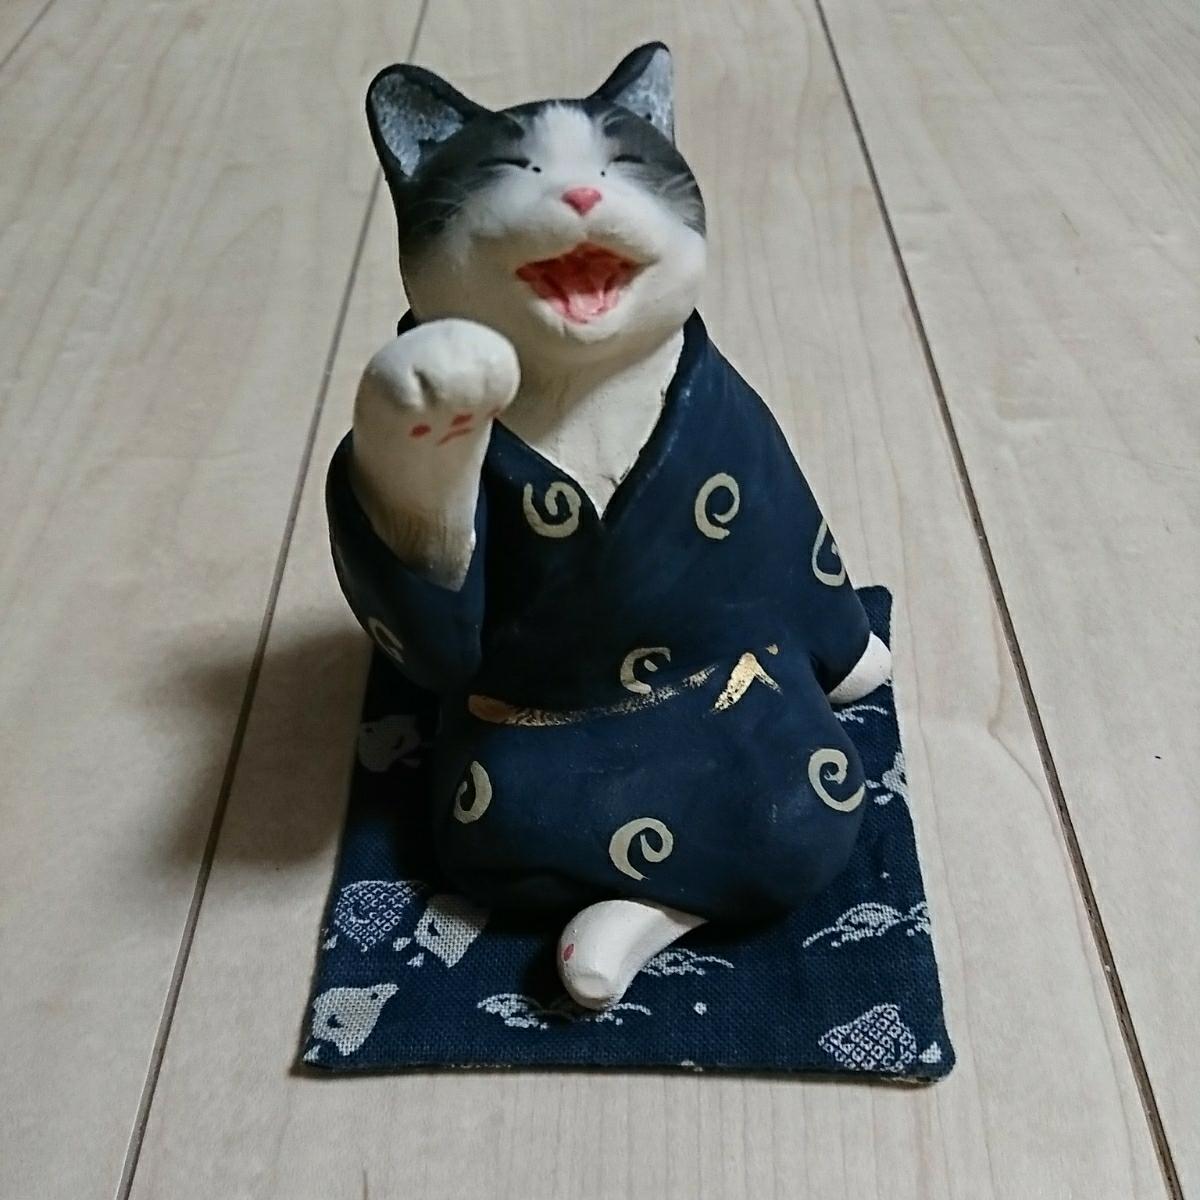 創作陶製猫人形。題して『猫の宴会』。Bought@旧軽井沢。座蒲団付きです。愛猫家の方如何でしょう?。